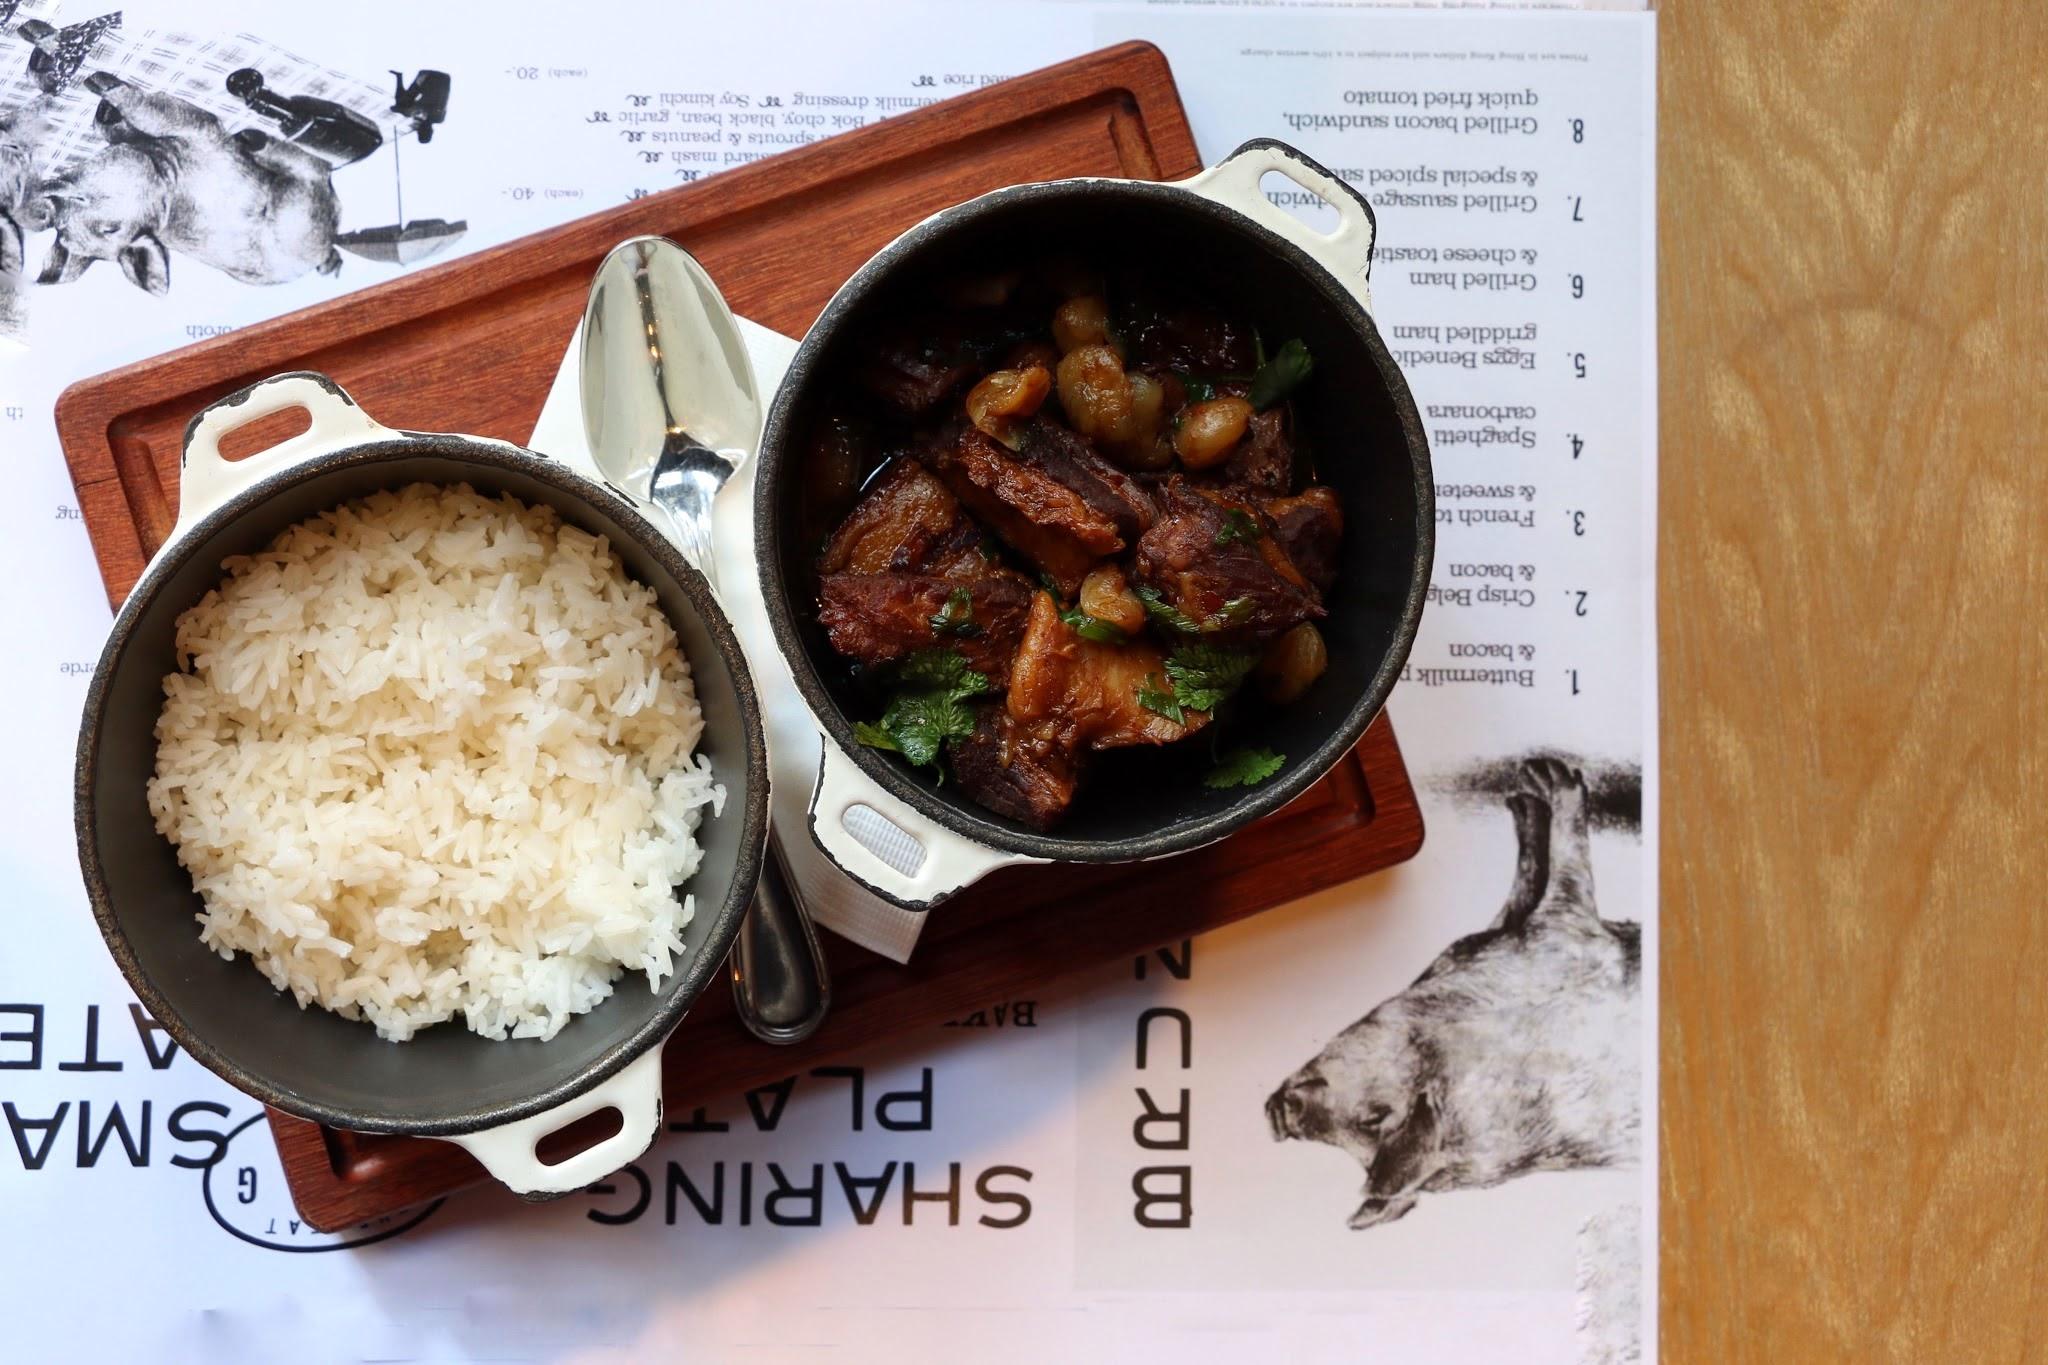 胖猪,猪肚龙眼米饭